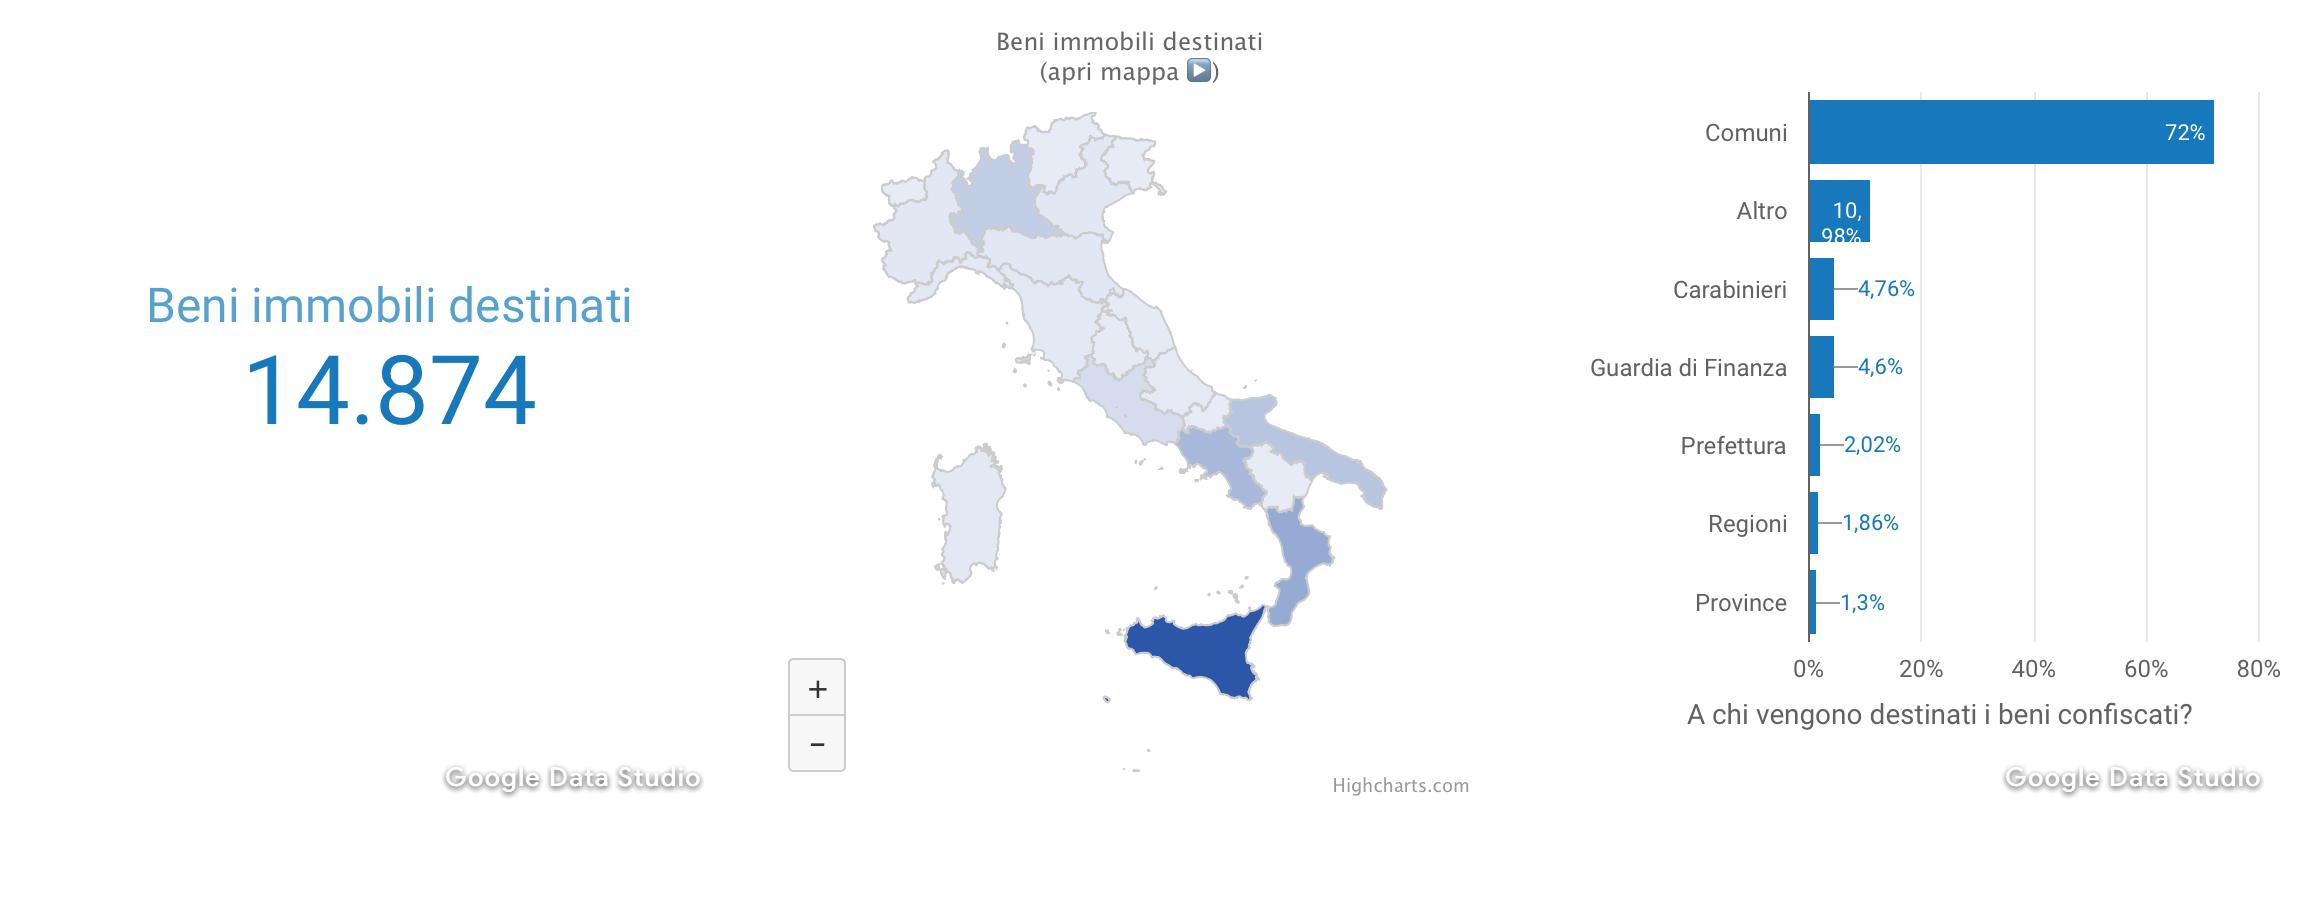 Confiscati Bene 2.0 è un portale tutto italiano per il riutilizzo dei beni confiscati alle mafie 1